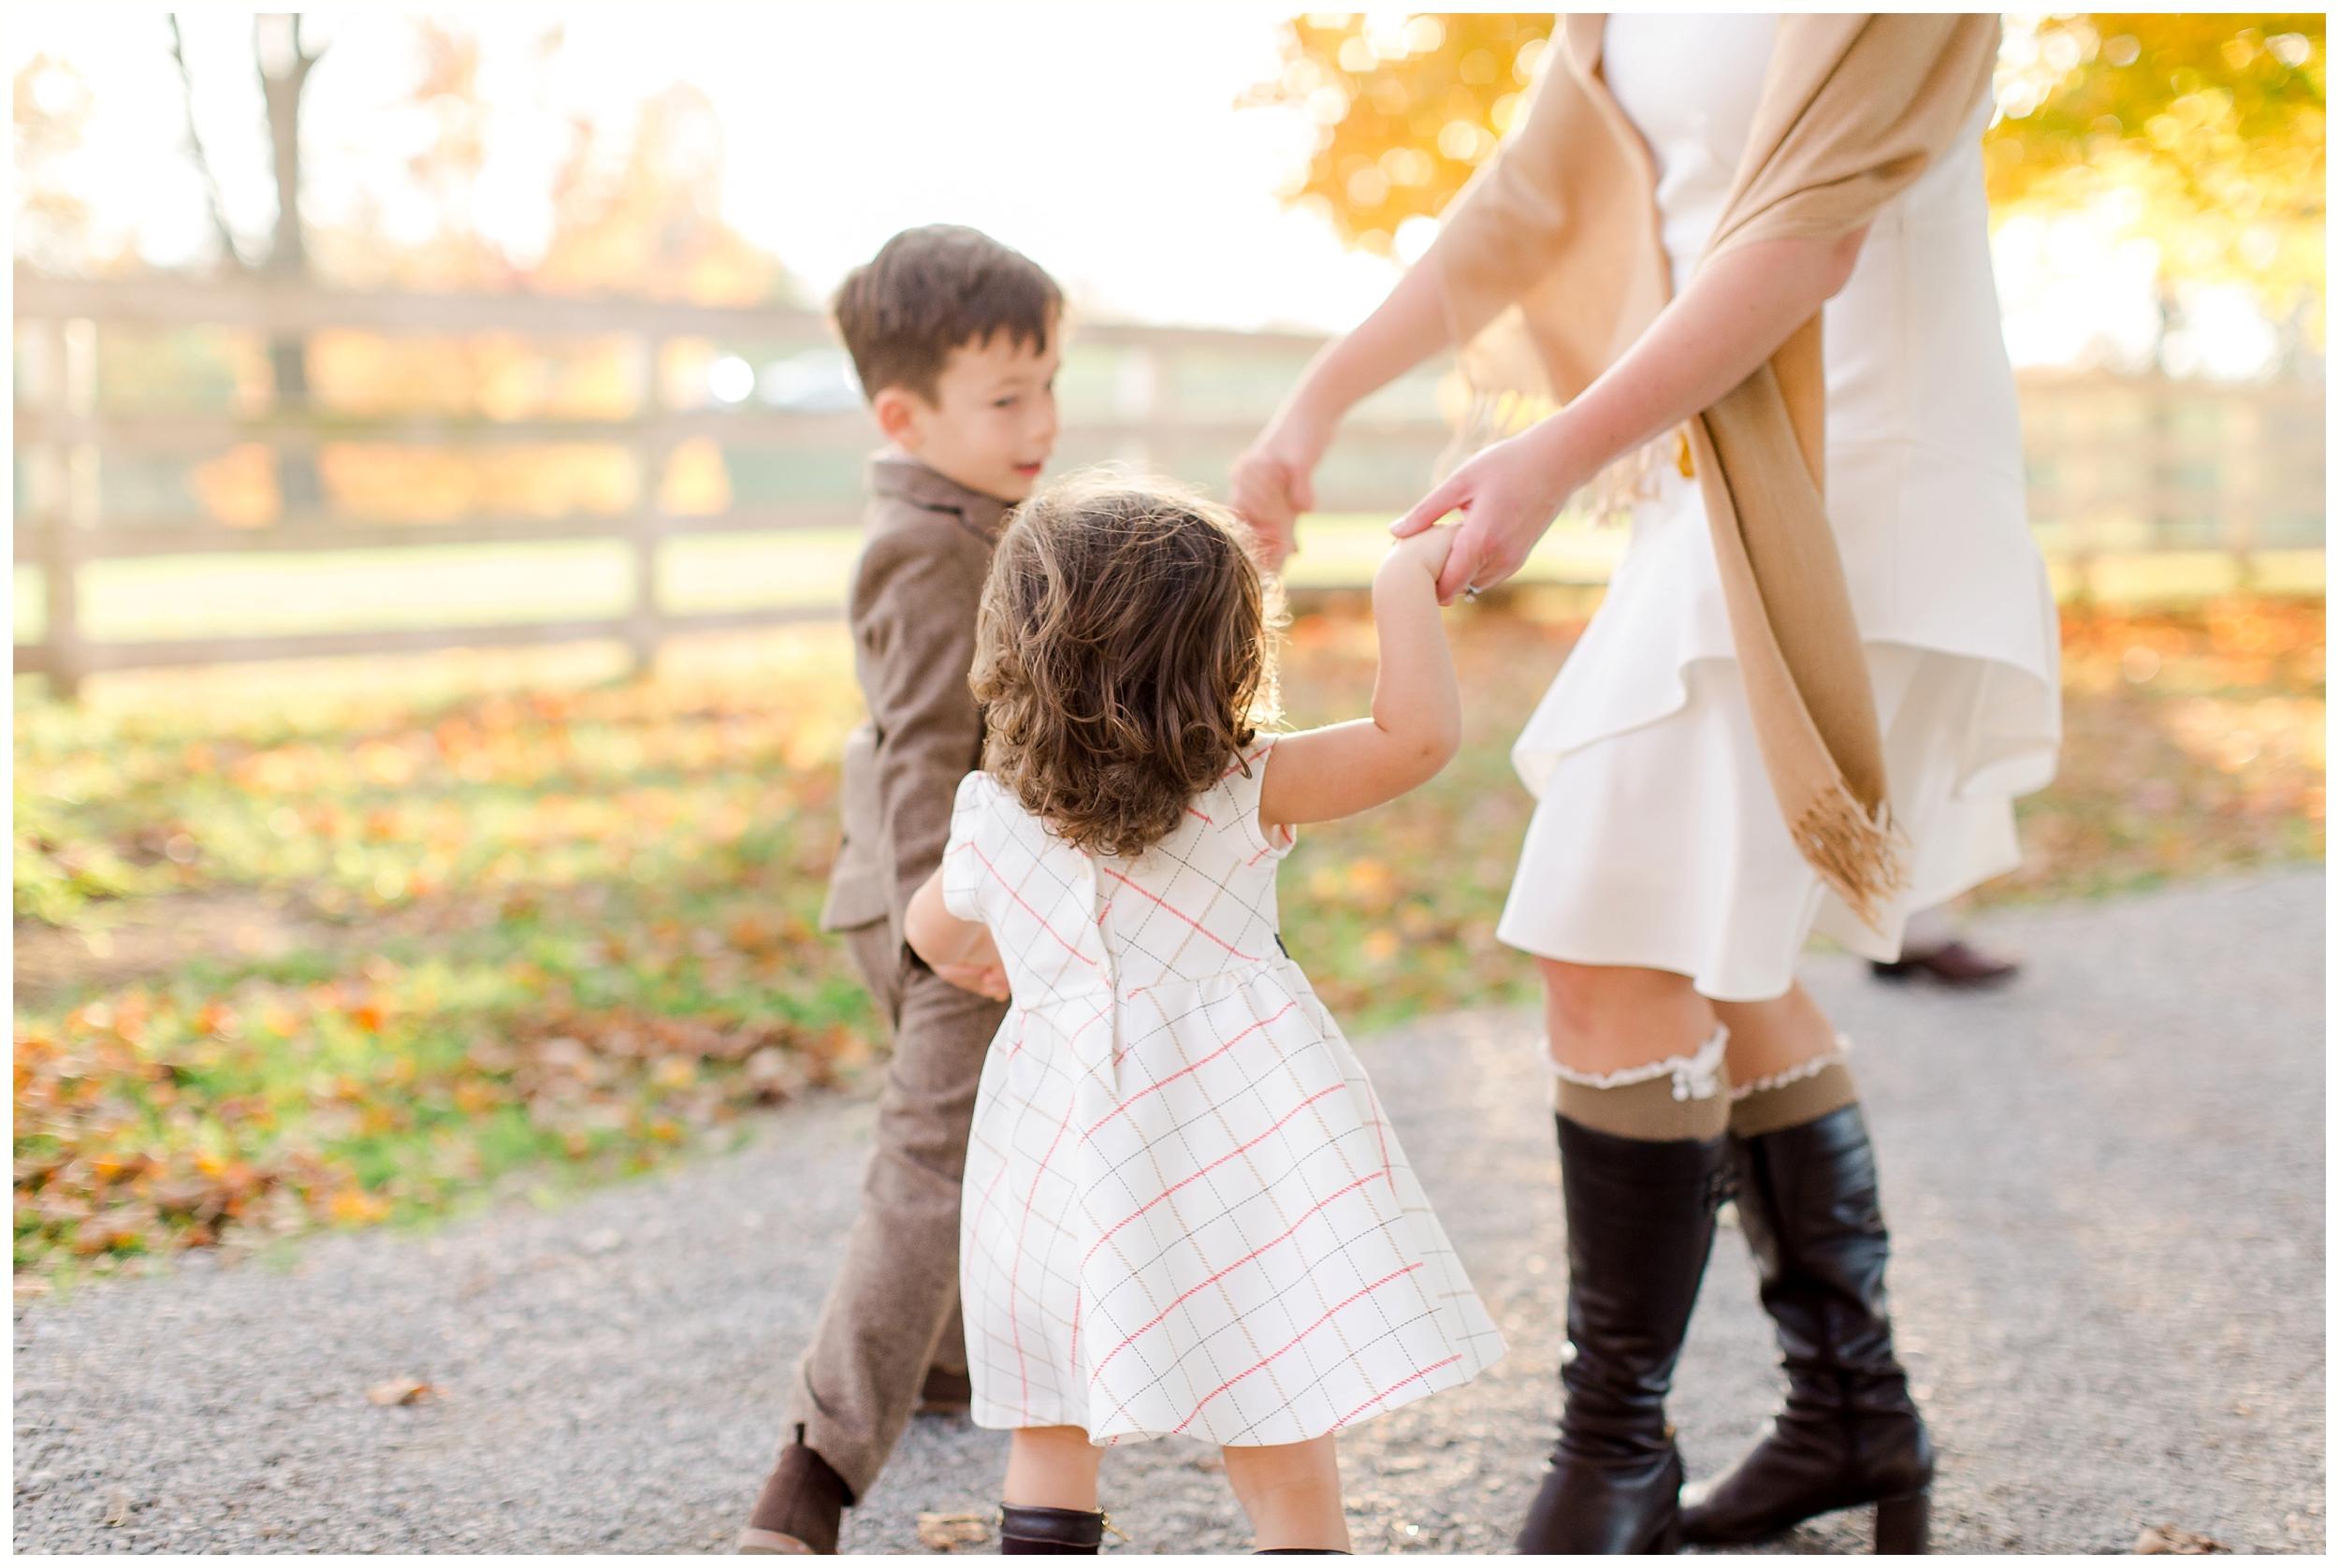 lexington-ky-family-lifestyle-photos-by-priscilla-baierlein_0408.jpg